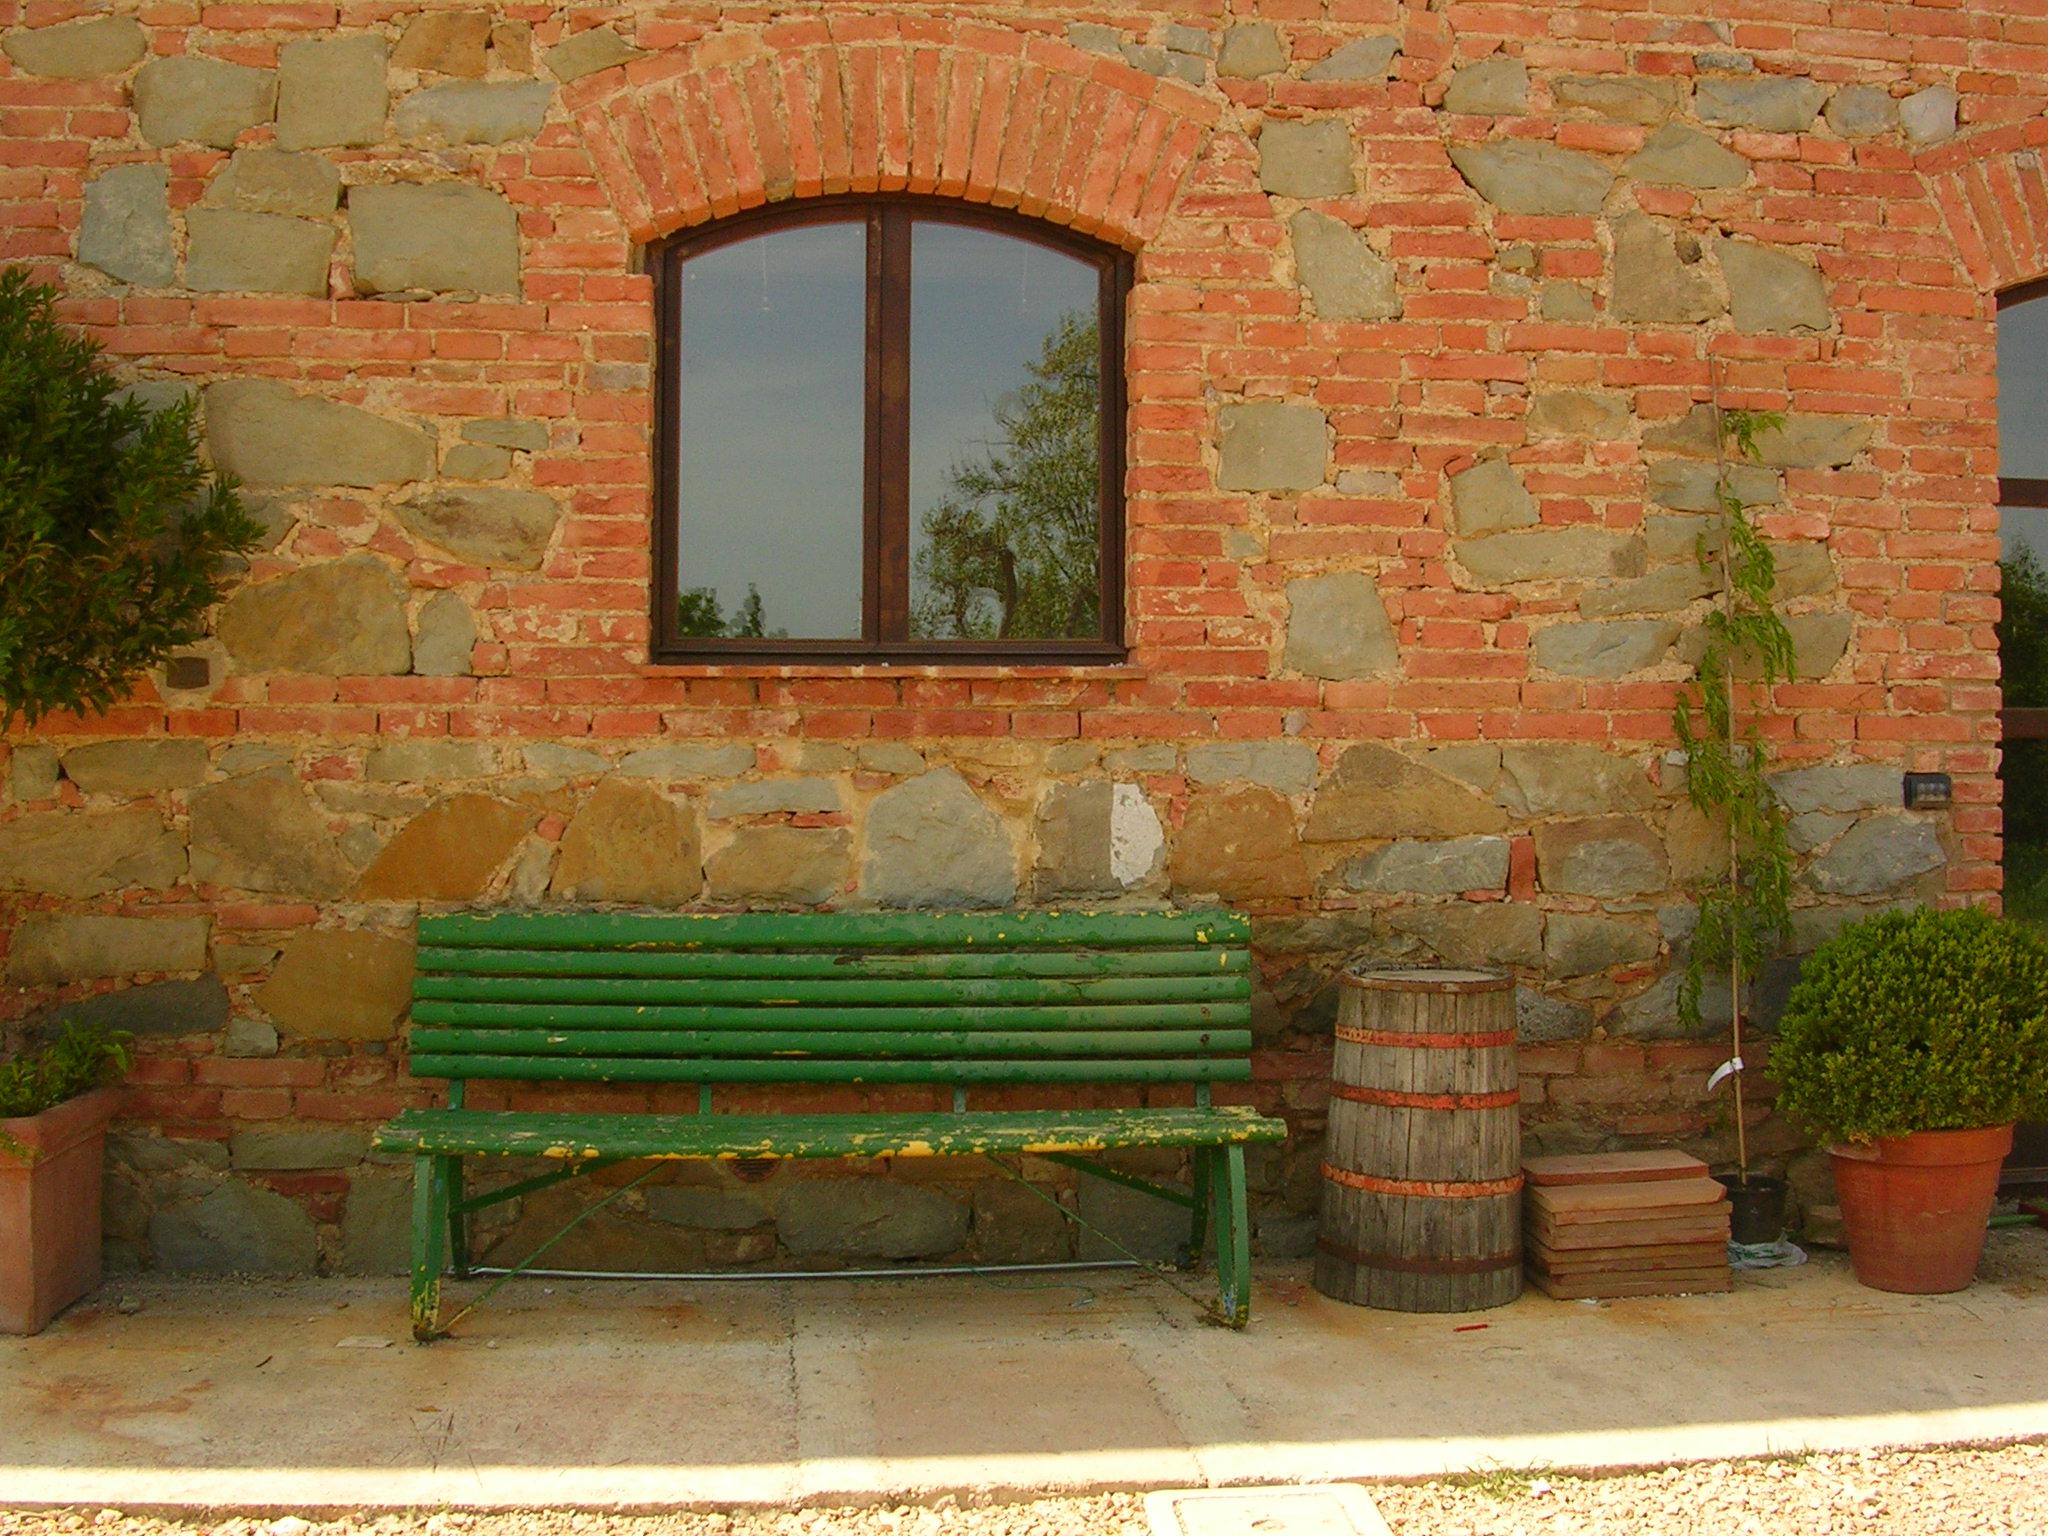 Antique bench Siliano Alto EAT.PRAY.MOVE Yoga Retreats | Tuscany, Italy